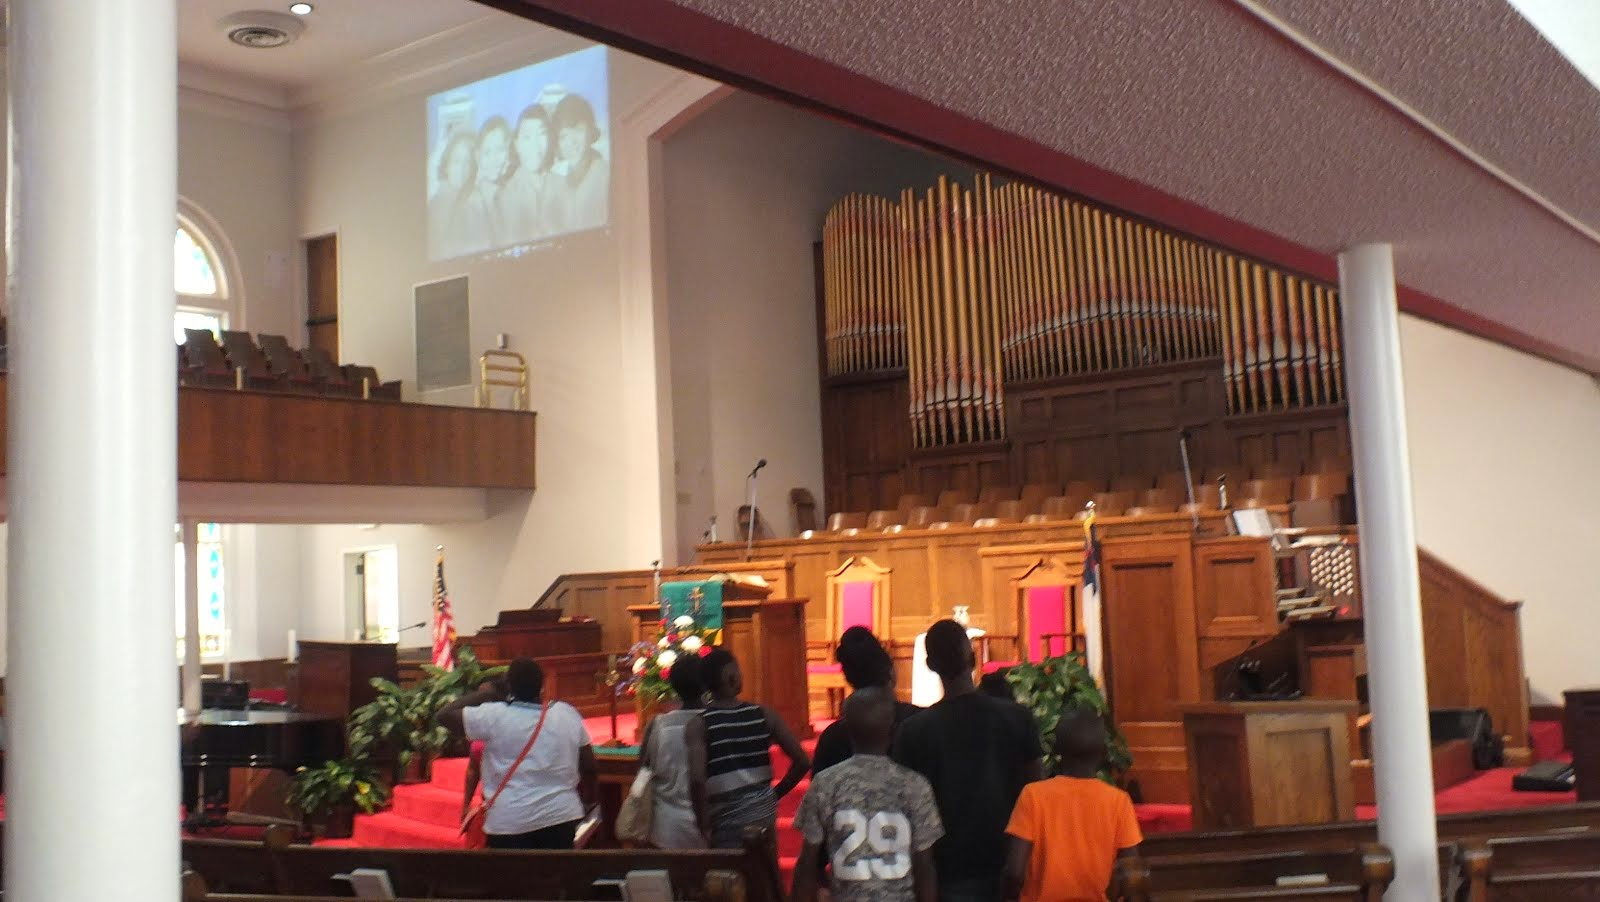 2014 MTBR - TOUR OF 16TH STREET CHURCH